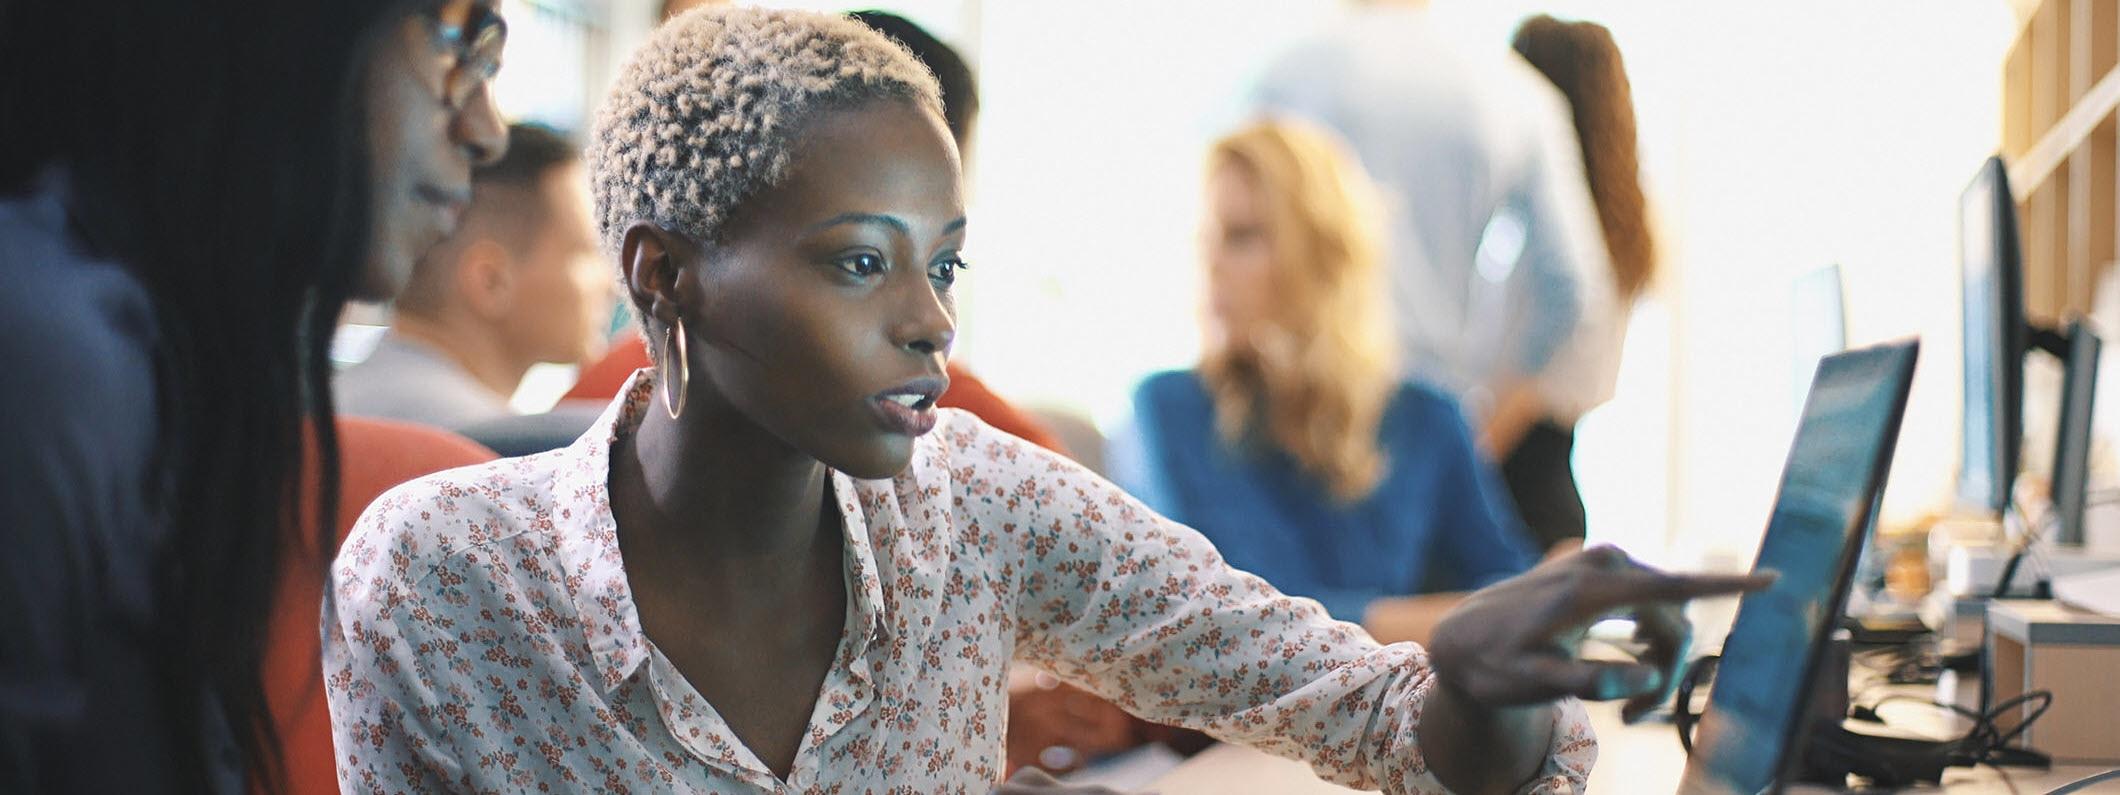 Women studies her computer screen.